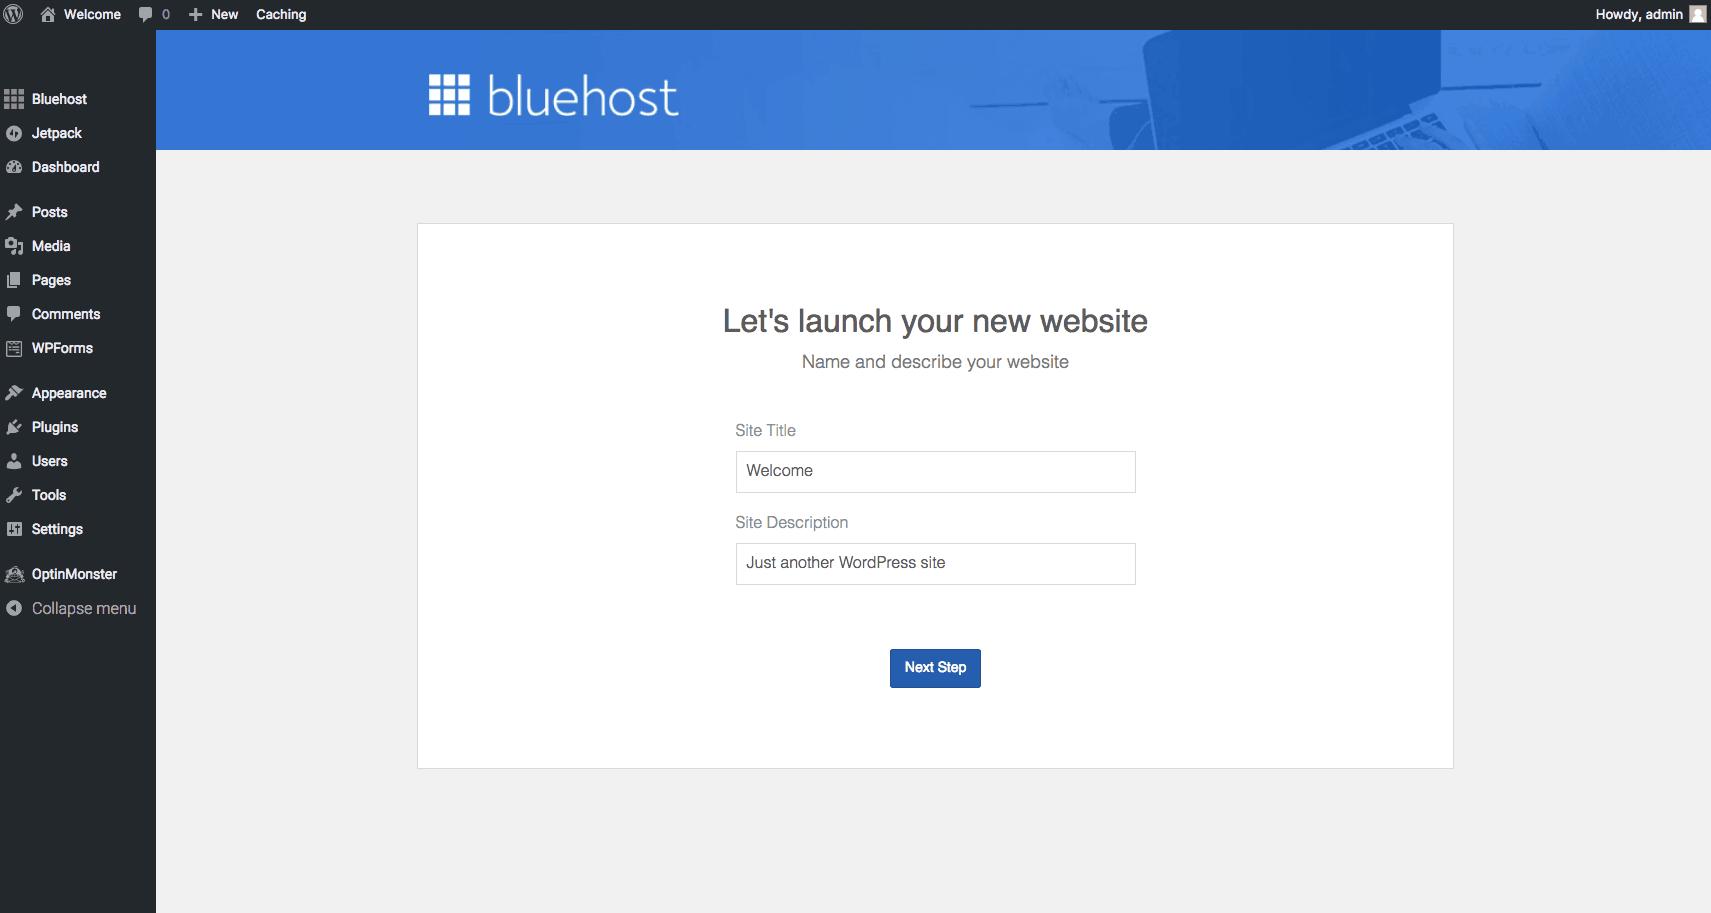 titolo del sito bluehost